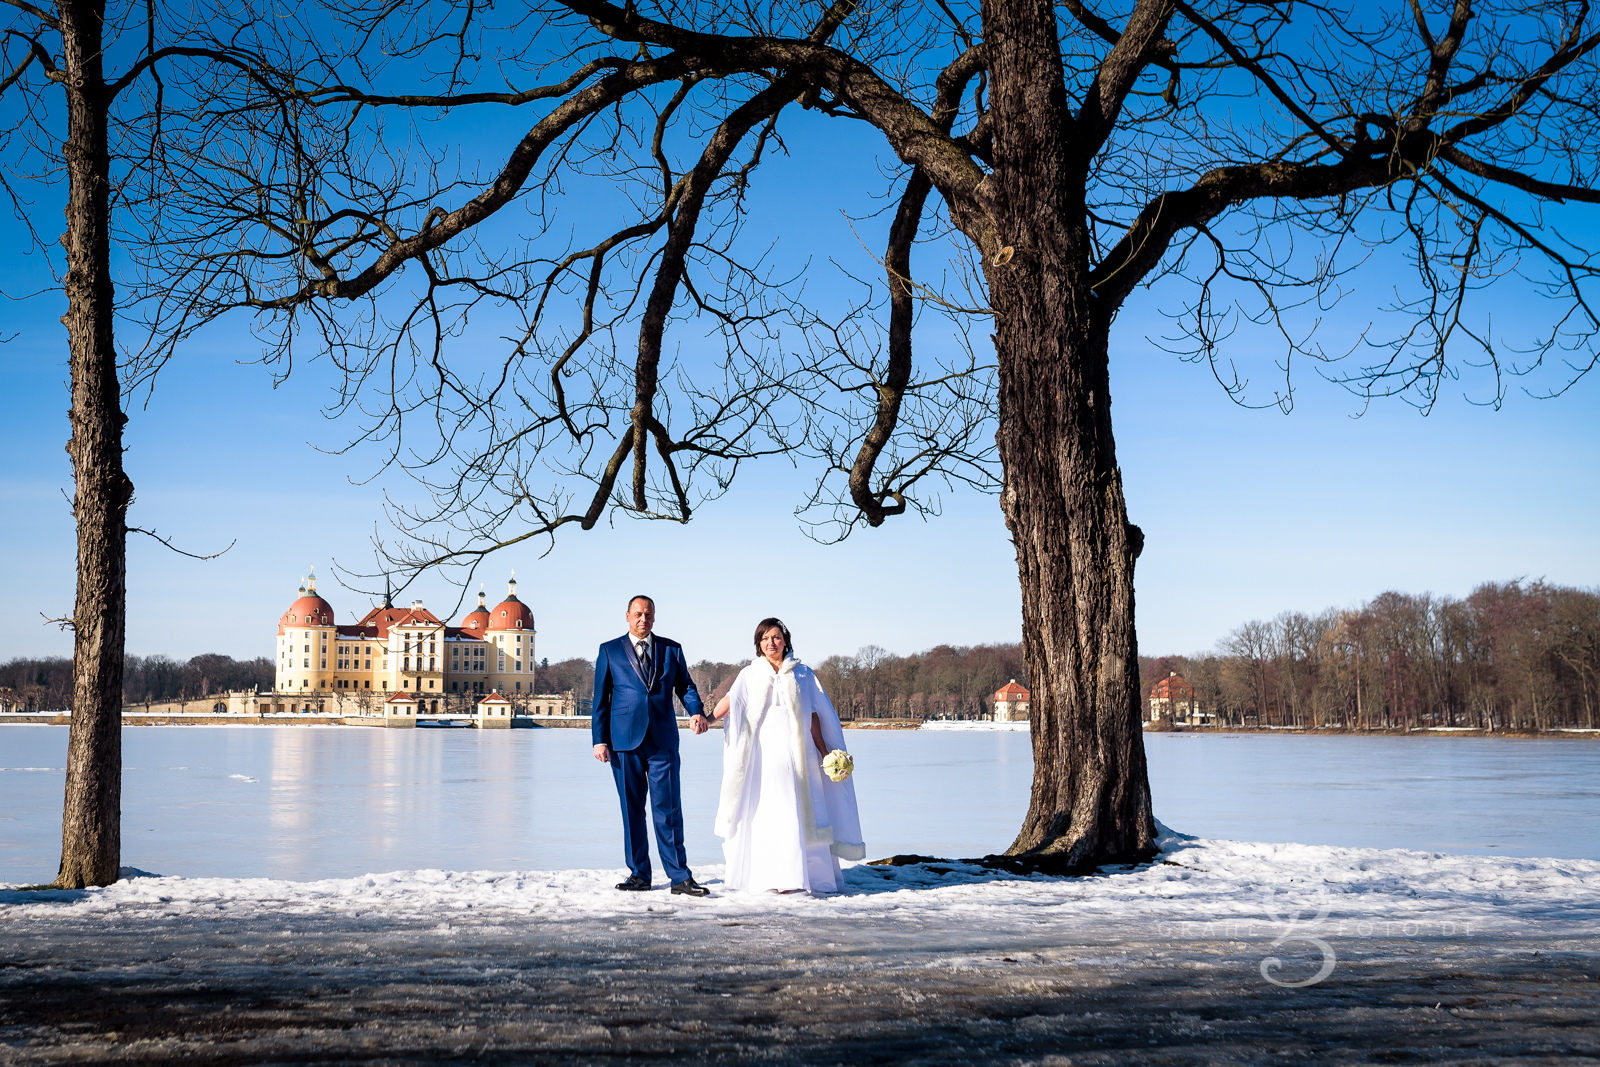 Grahlfoto Hochzeitsfotografie Hochzeitsreportage Moritzburg Leuchtturm Fasanenschlösschen mit Cordula Maria Grahl